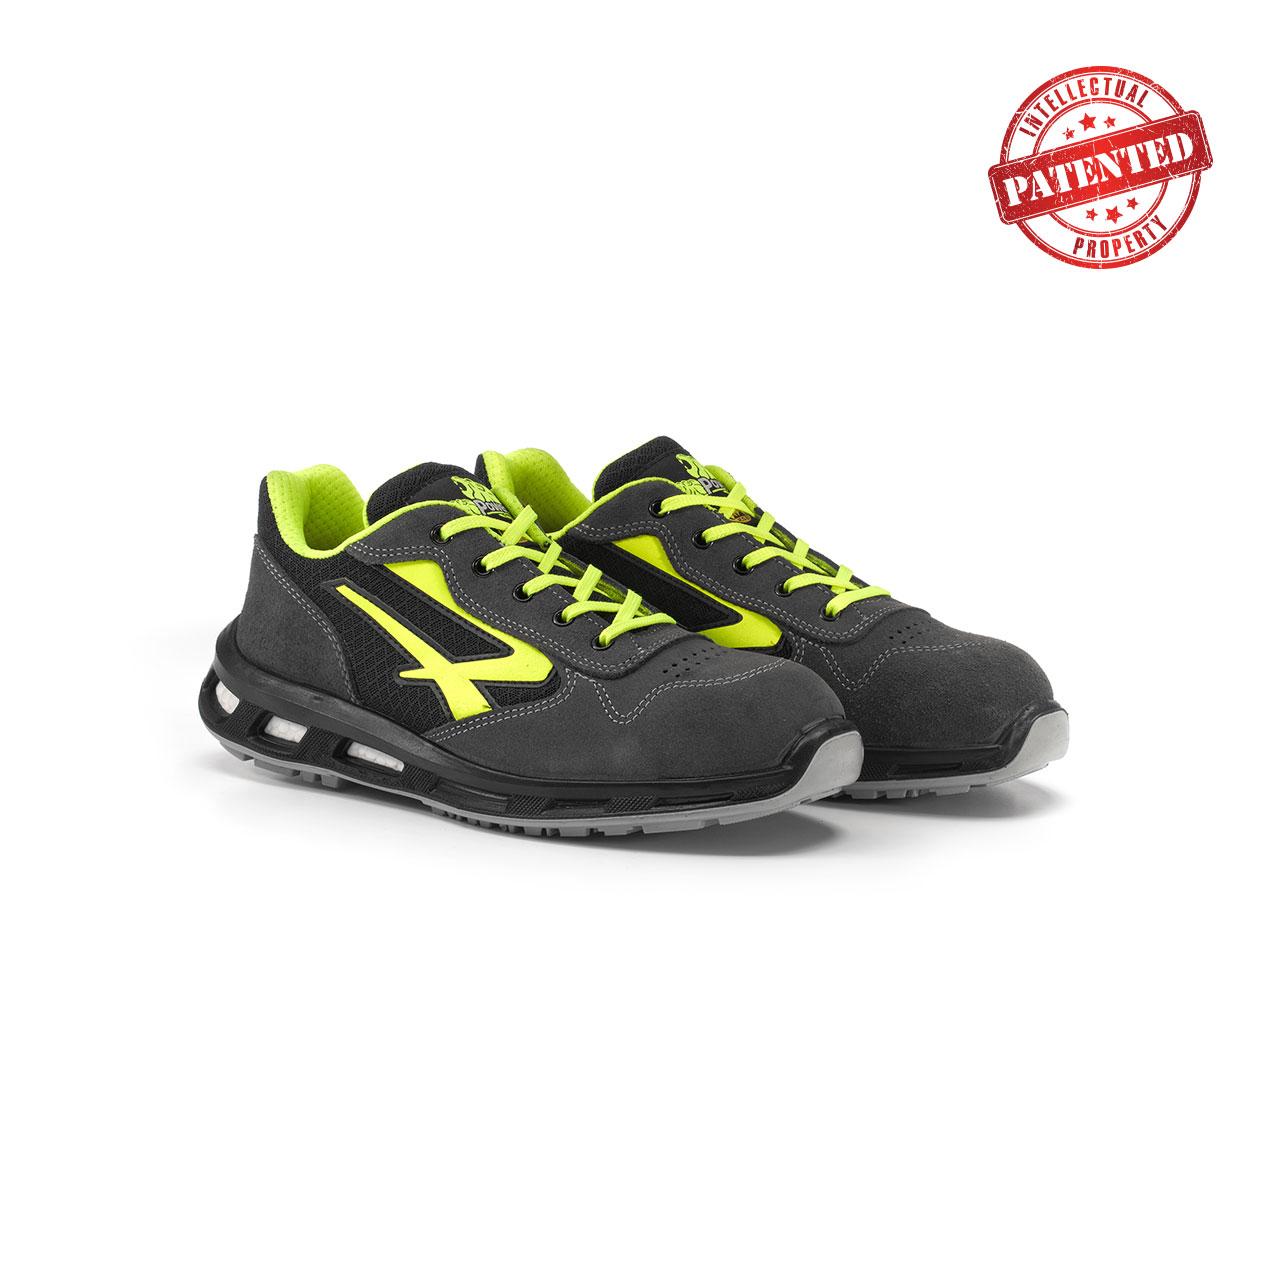 paio di scarpe antinfortunistiche upower modello yellow linea redlion vista prospettica